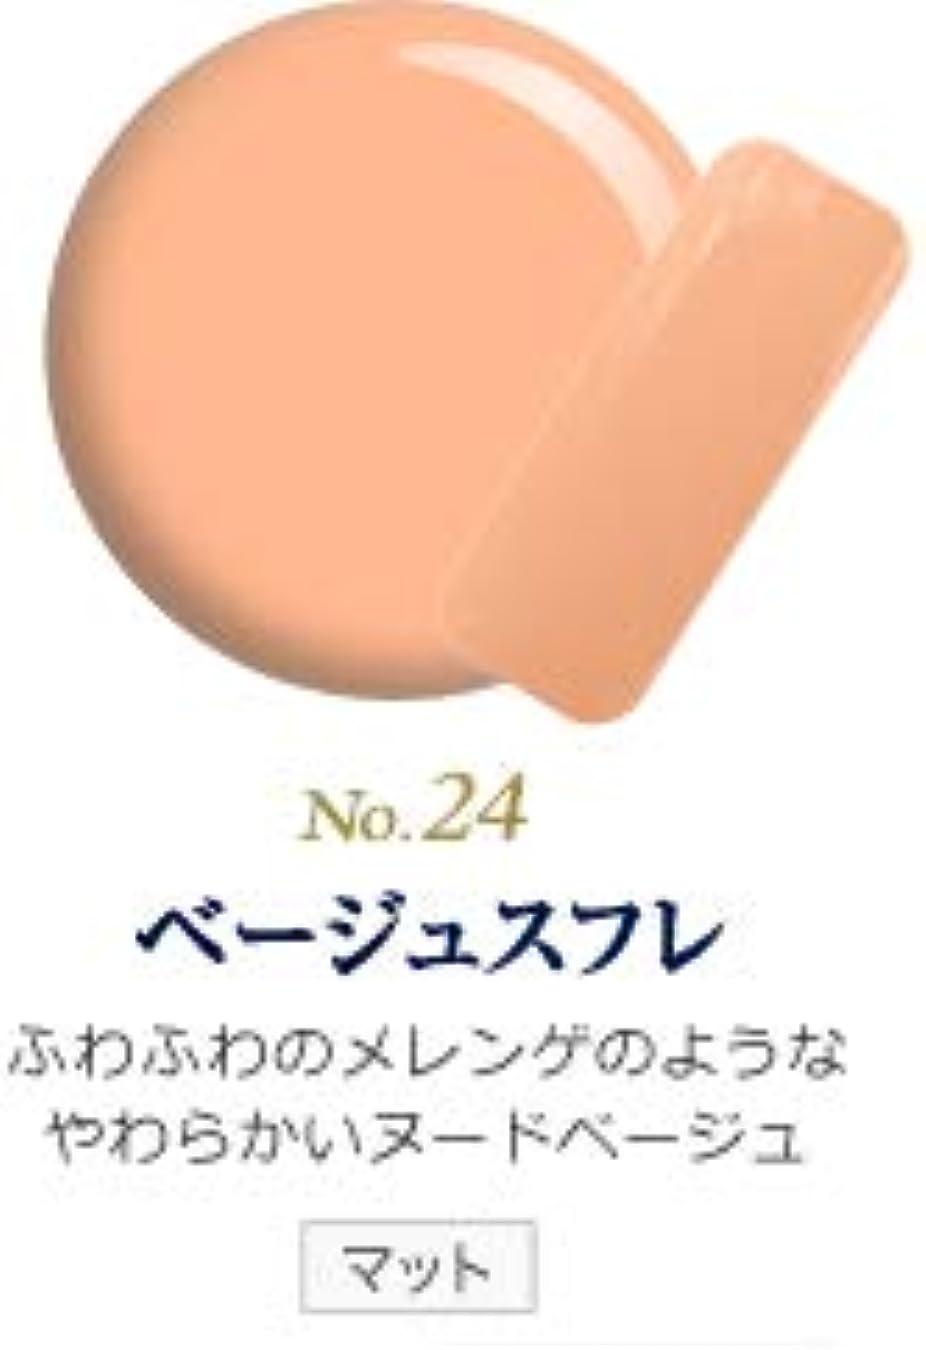 離す自己ドリンク発色抜群 削らなくてもオフが出来る 新グレースジェルカラーNo.11~No.209 (ベージュスフレ)